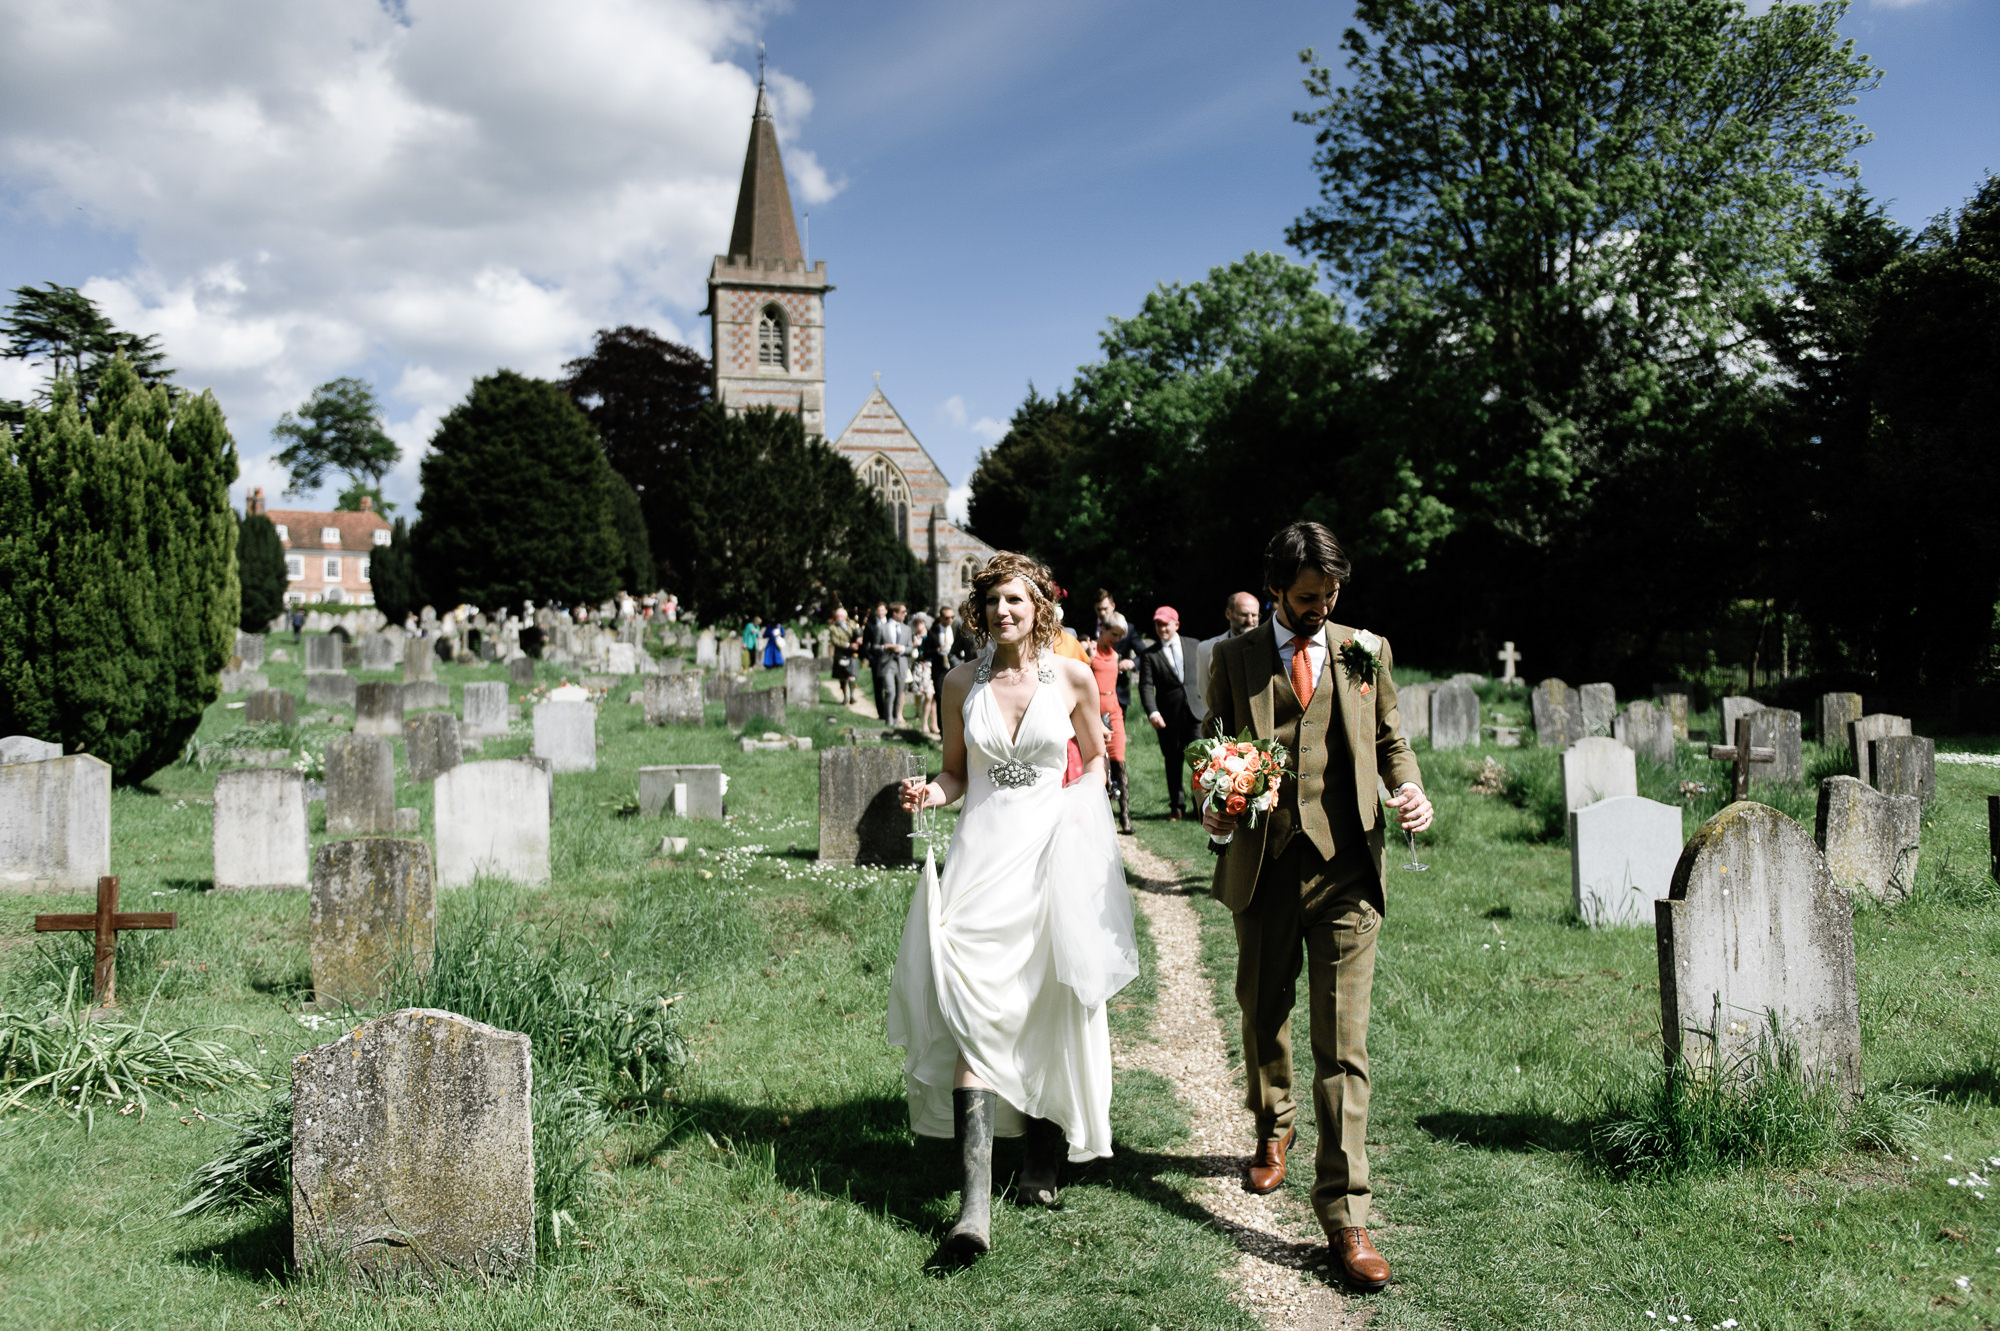 Rural Wedding Photos